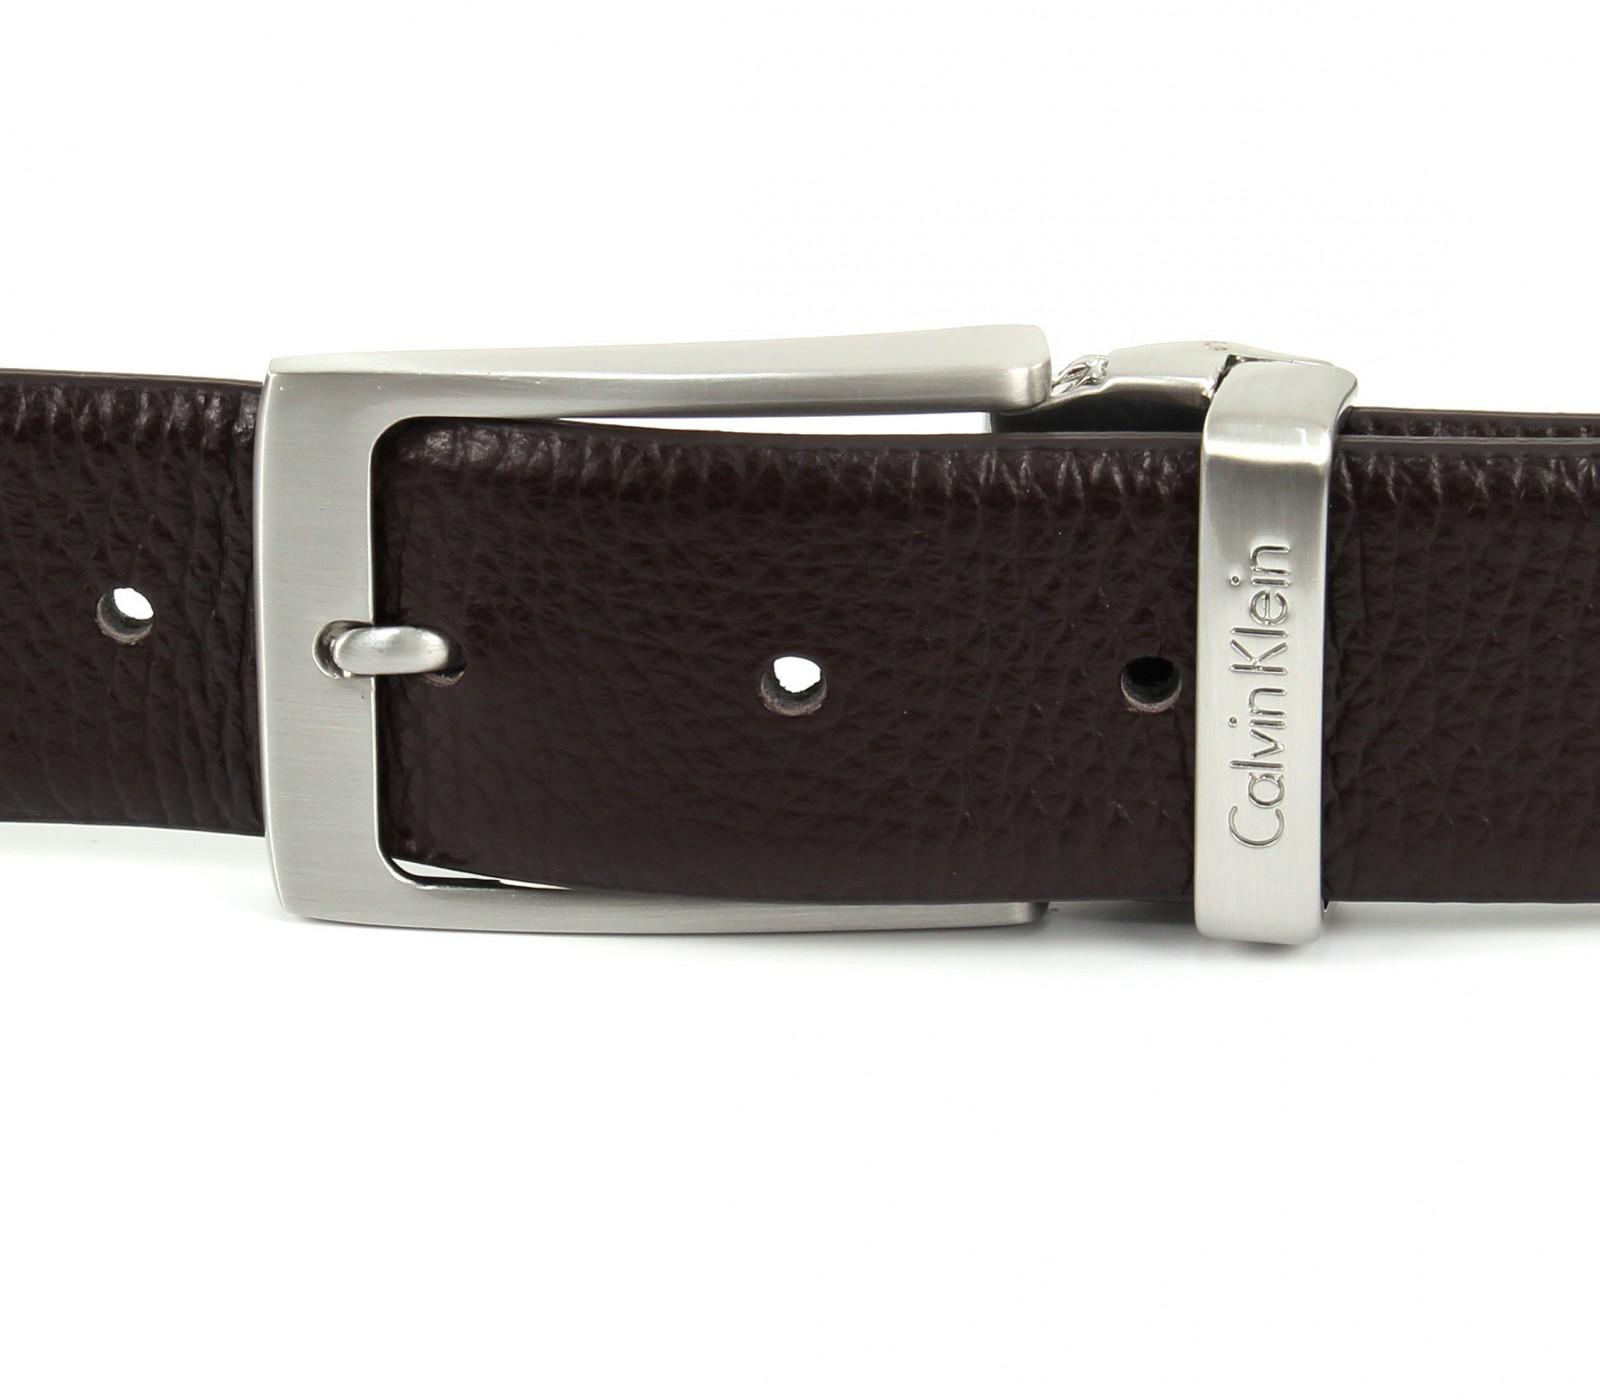 Calvin Klein Stand Alone Adjustable Pebble Belt W80 Dark Brown